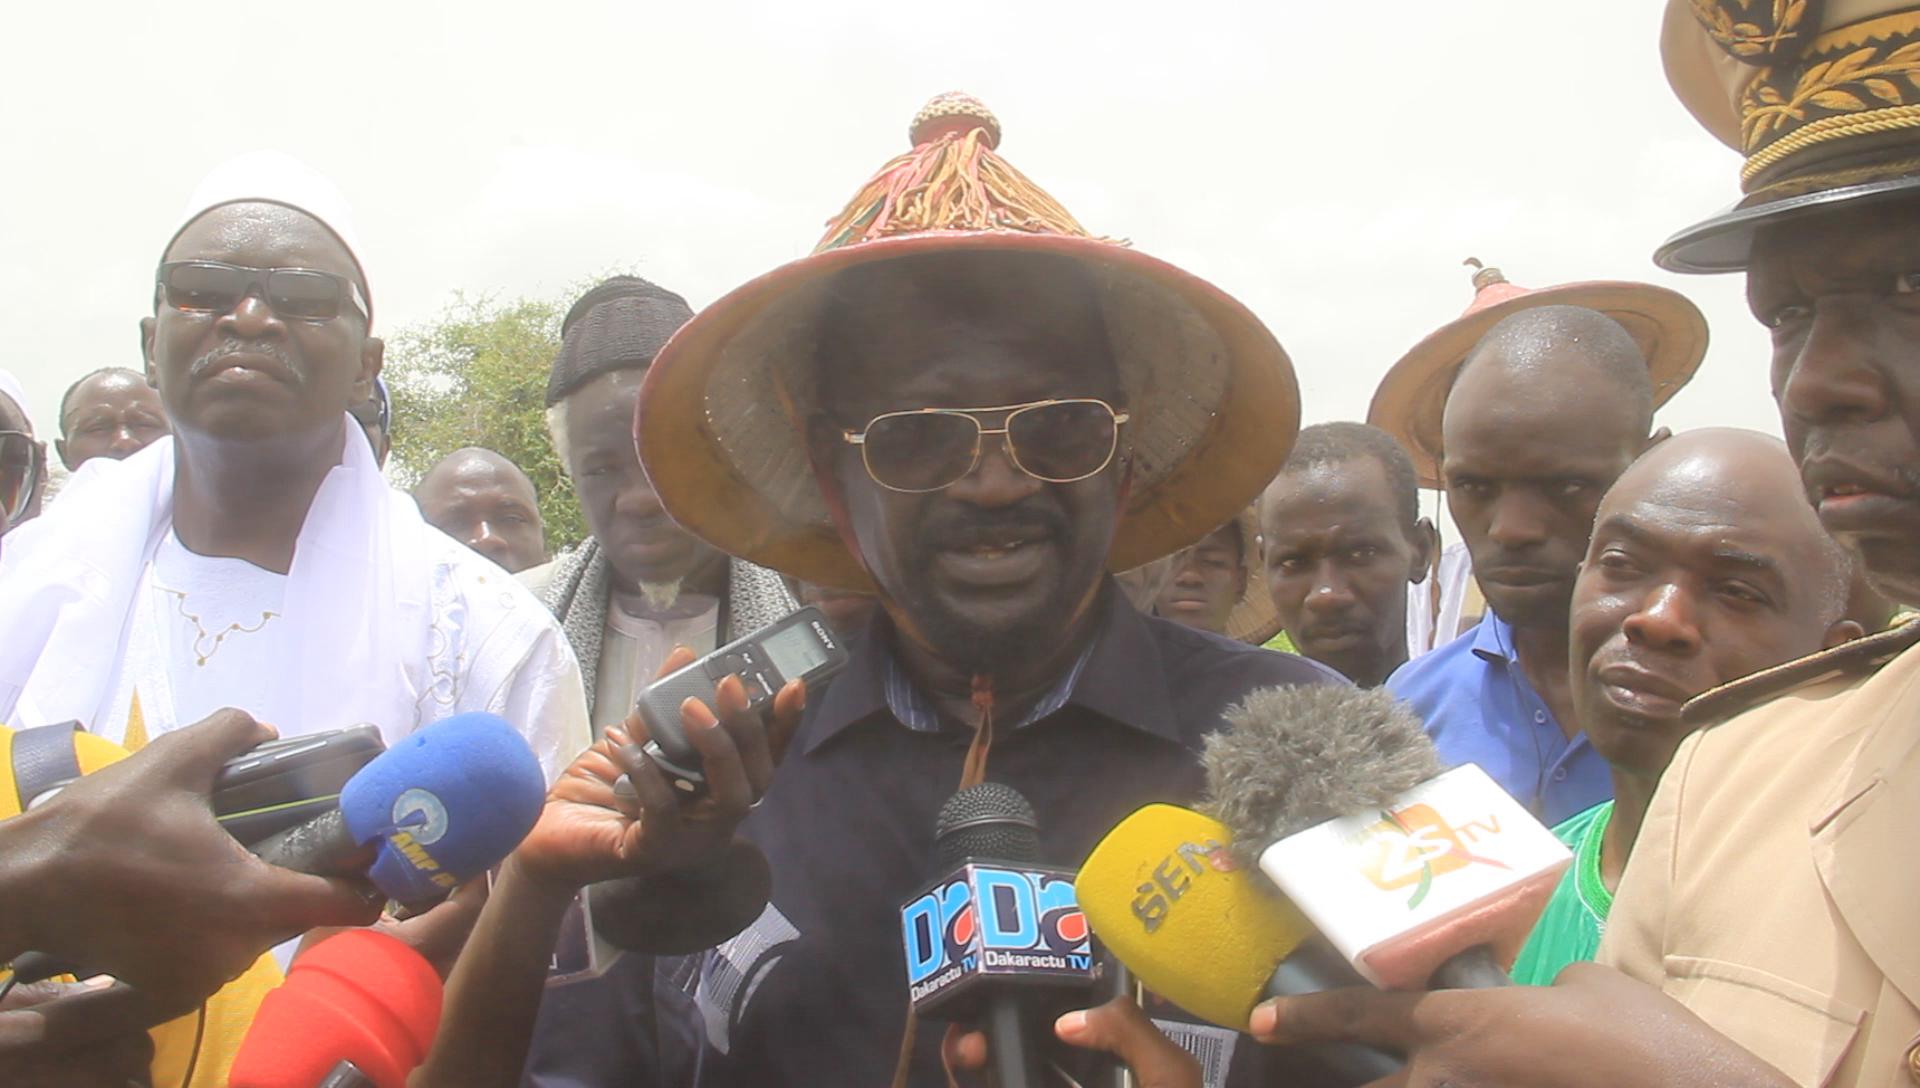 PAPE ABDOULAYE SECK CATÉGORIQUE : « Aucun paysan ne dira que les semences ne sont pas bonnes… Le Sénégal atteindra l'autosuffisance en riz »